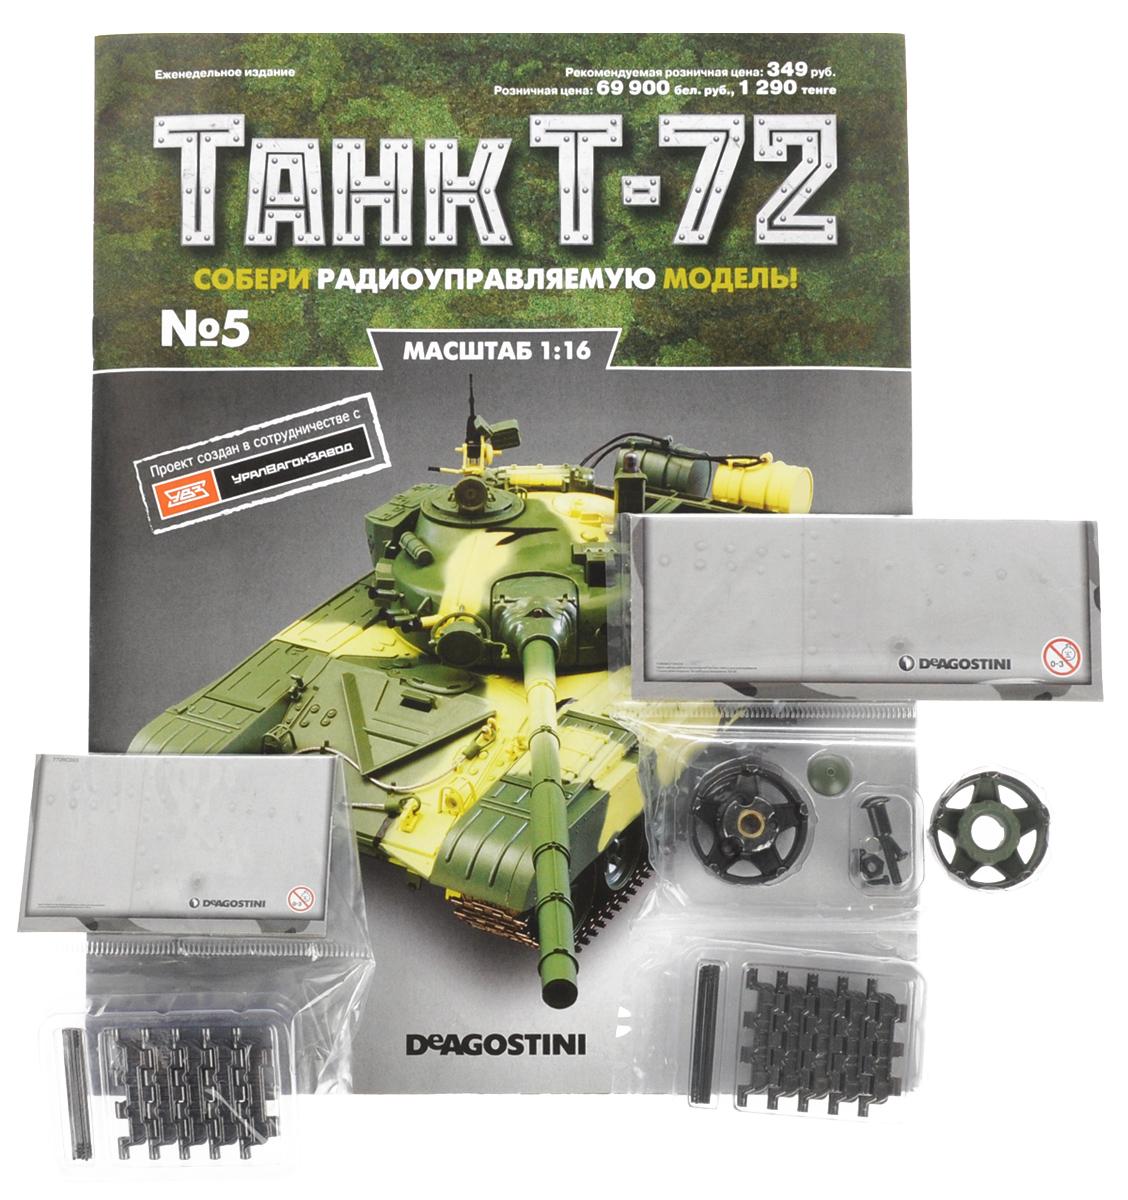 Журнал Танк Т-72 №5TANK005Перед вами - журнал из уникальной серии партворков Танк Т-72 с увлекательной информацией о легендарных боевых машинах и элементами для сборки копии танка Т-72 в уменьшенном варианте 1:16. У вас есть возможность собственноручно создать высококачественную модель этого знаменитого танка с достоверным воспроизведением всех элементов, сохранением функций подлинной боевой машины и дистанционным управлением. В комплекте детали, необходимые для сборки ведущего колеса (ленивца), и 10 траков с штифтами. Категория 16+.